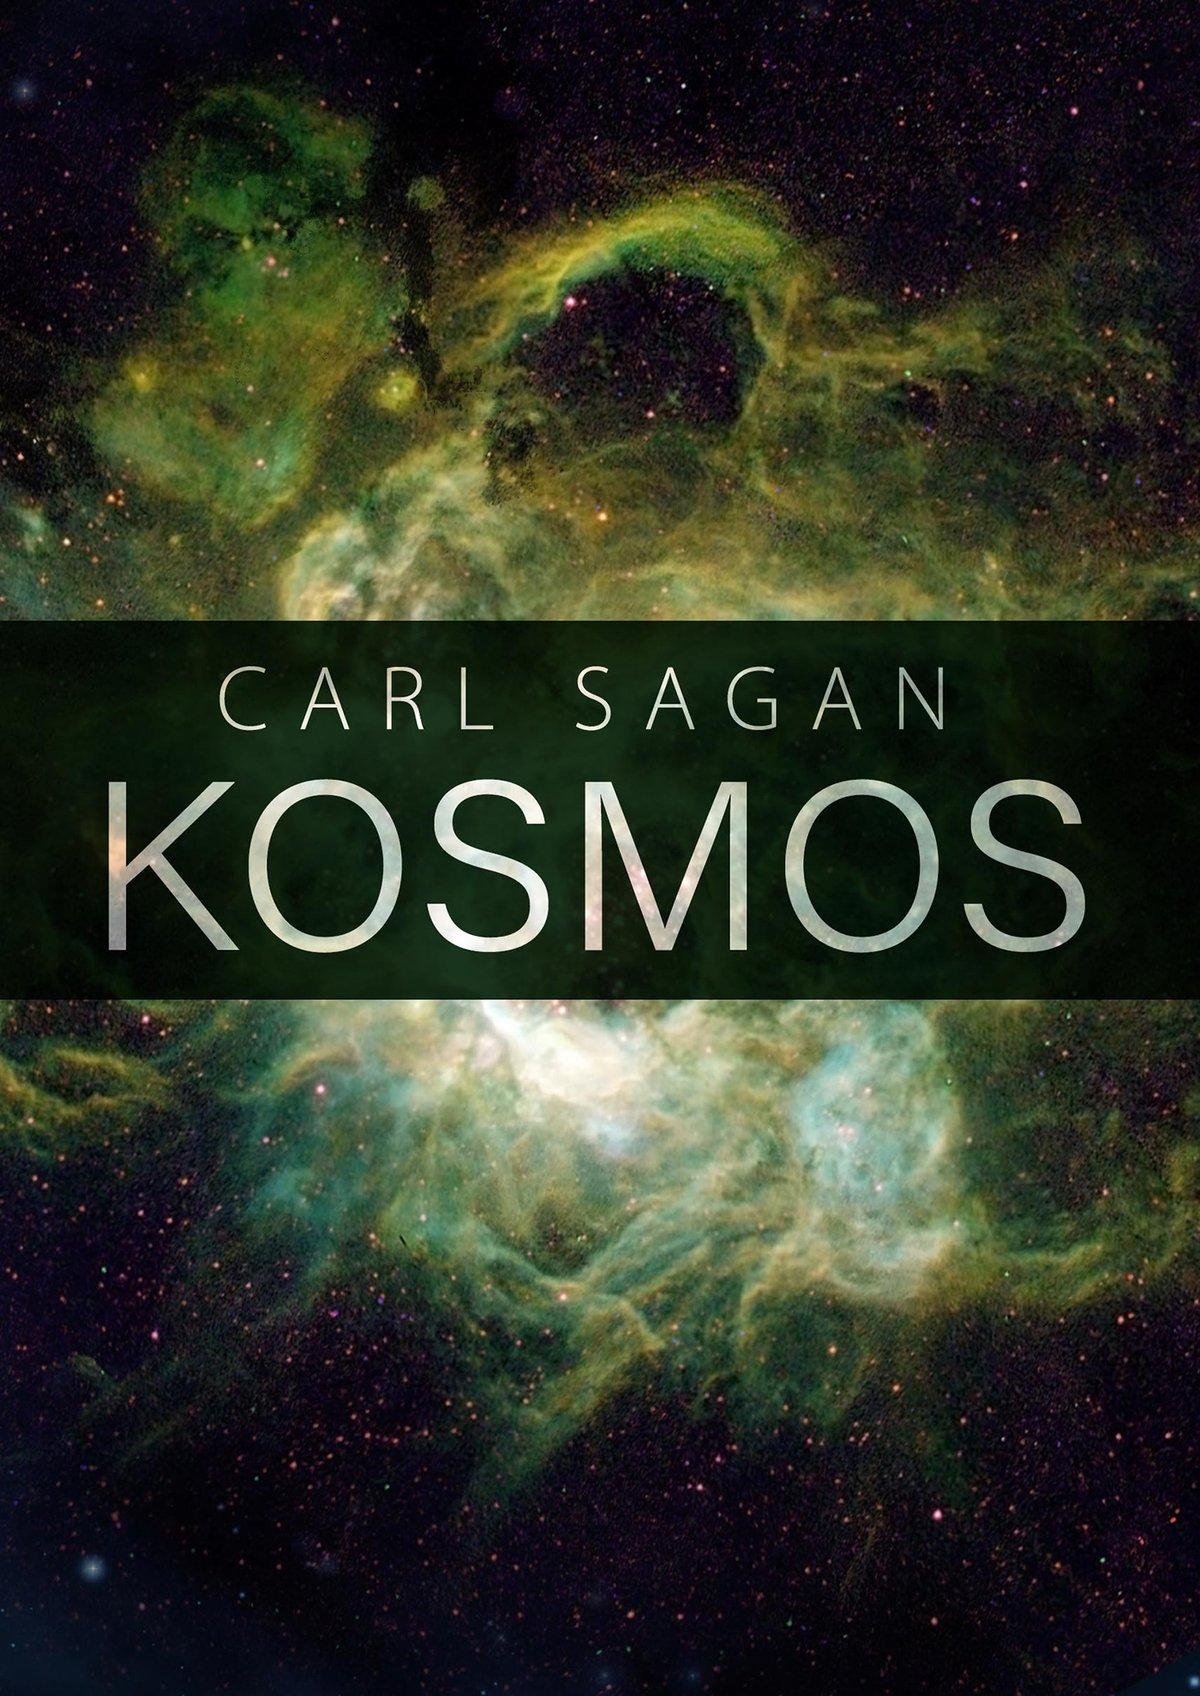 Kosmos - Ebook (Książka na Kindle) do pobrania w formacie MOBI